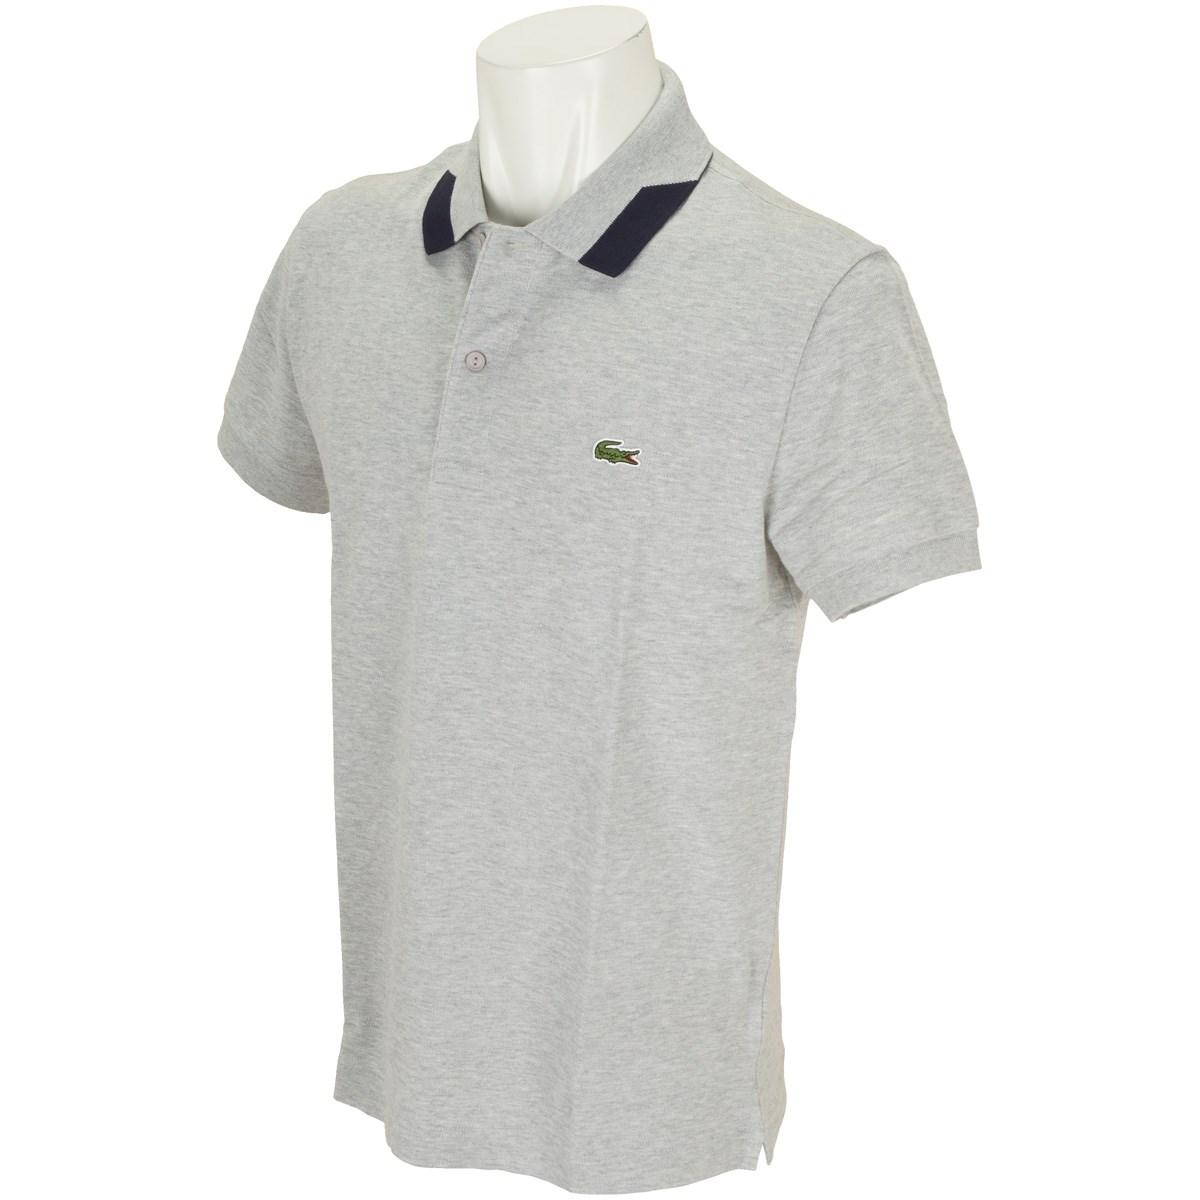 ラコステ カラーブロック襟半袖ポロシャツ